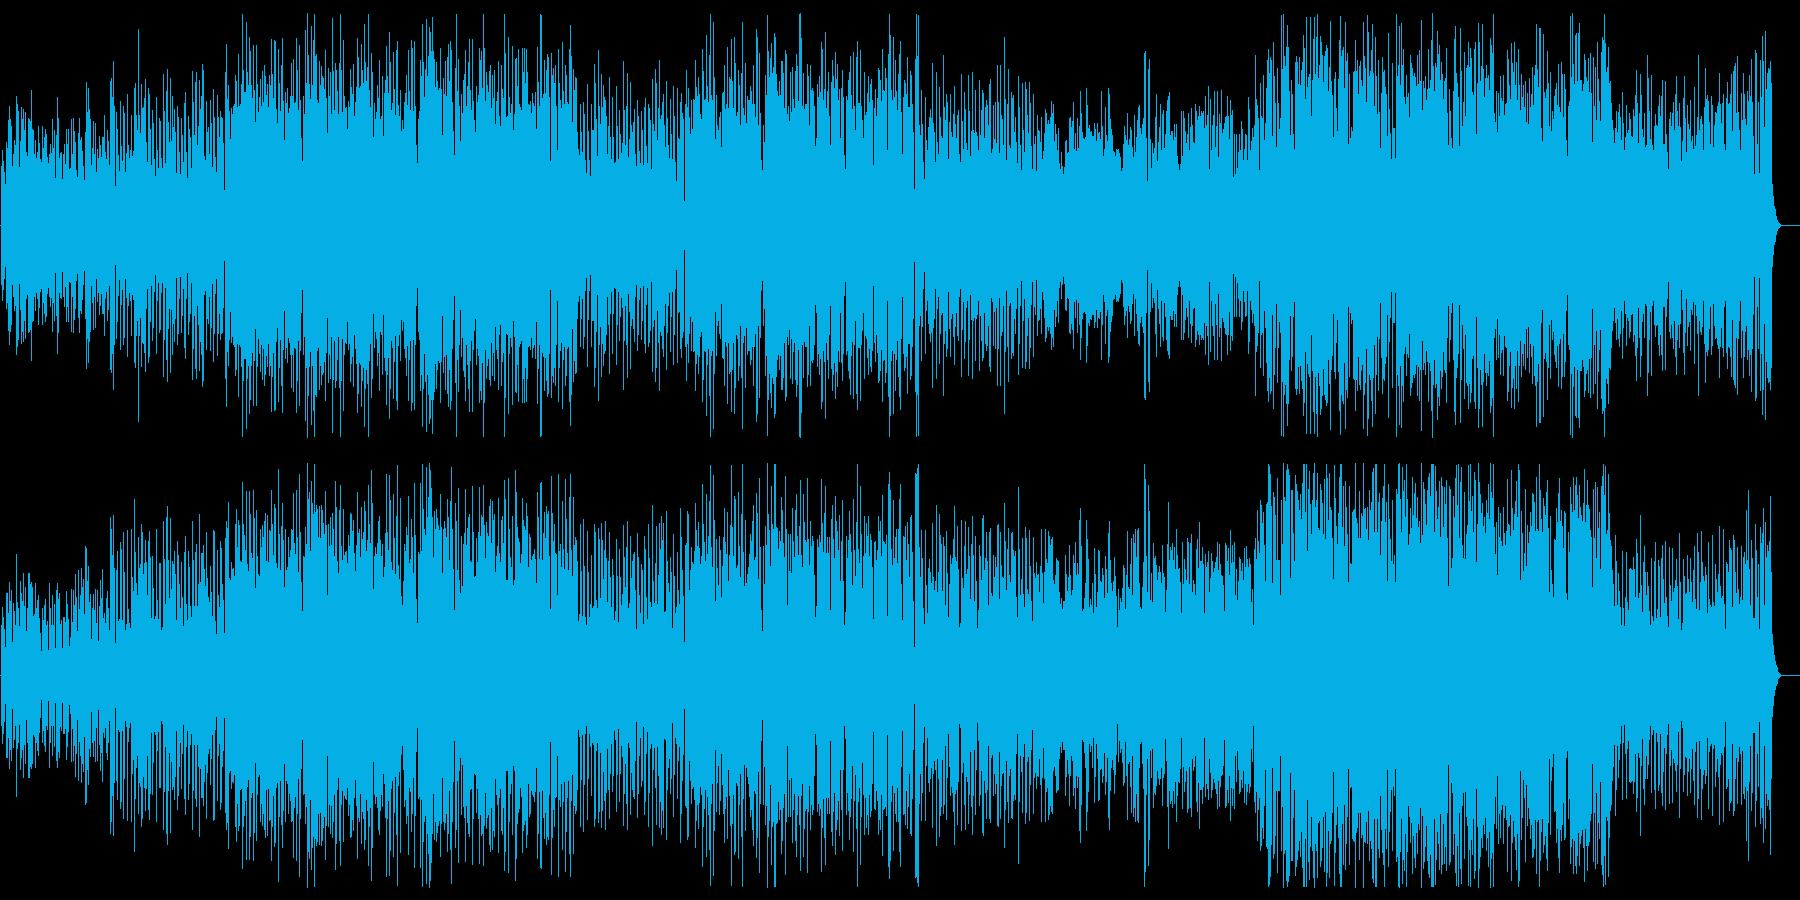 レトロなラテン系イージーリスニングの再生済みの波形